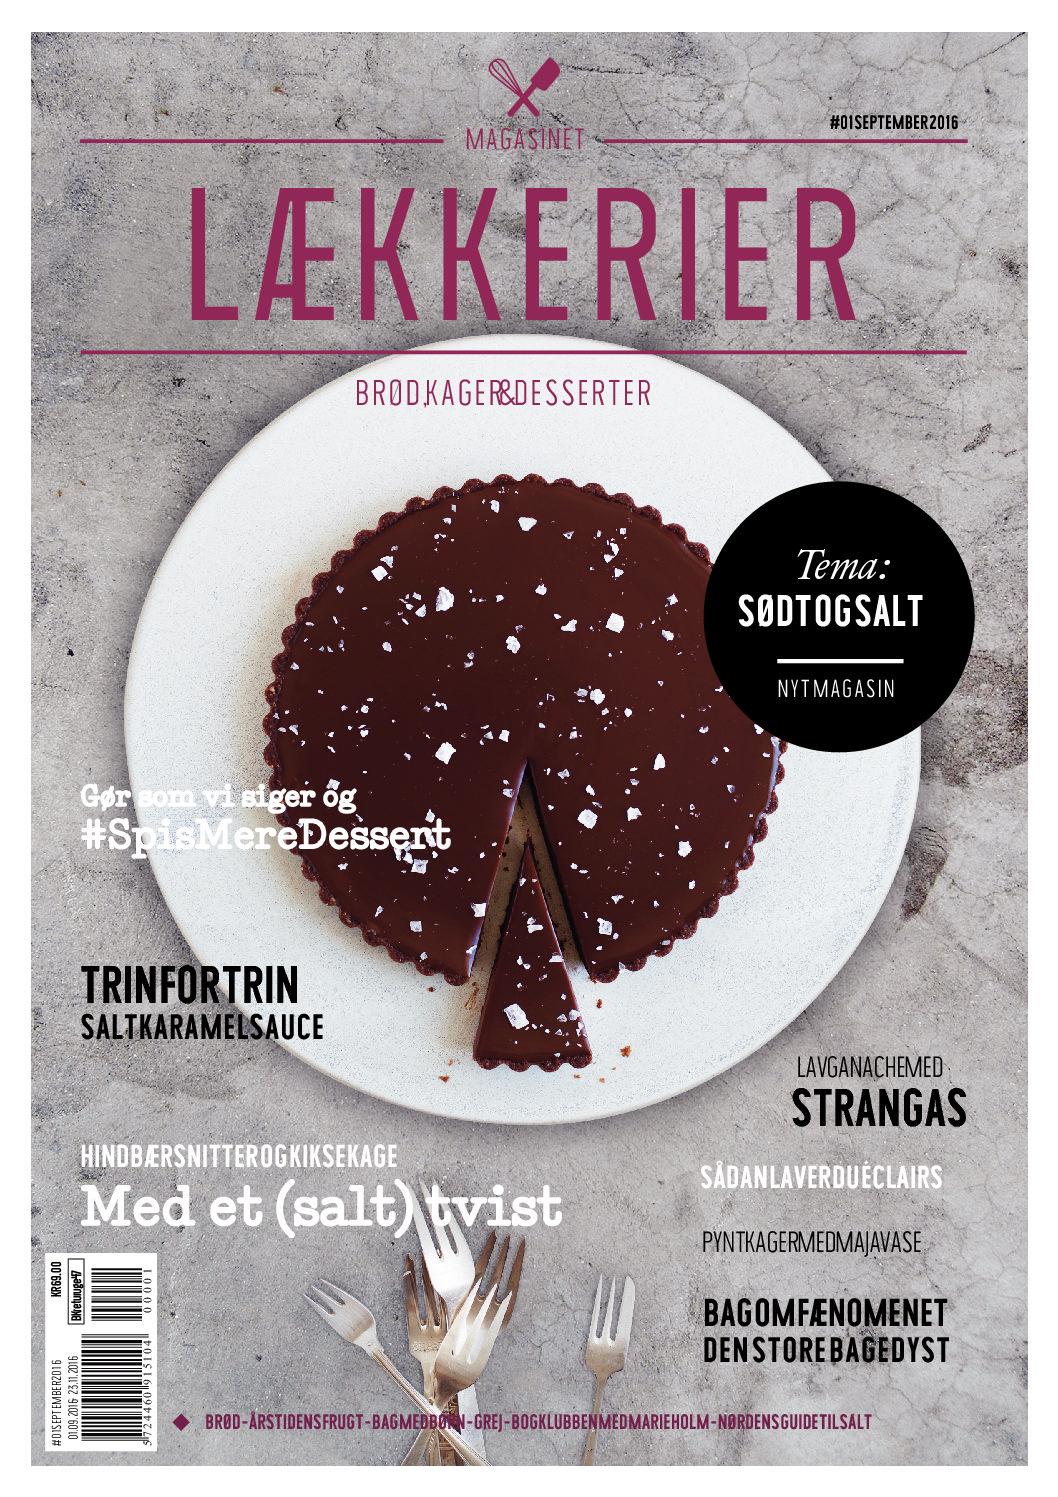 Køb Magasinet Lækkerier #01 (fri forsendelse)